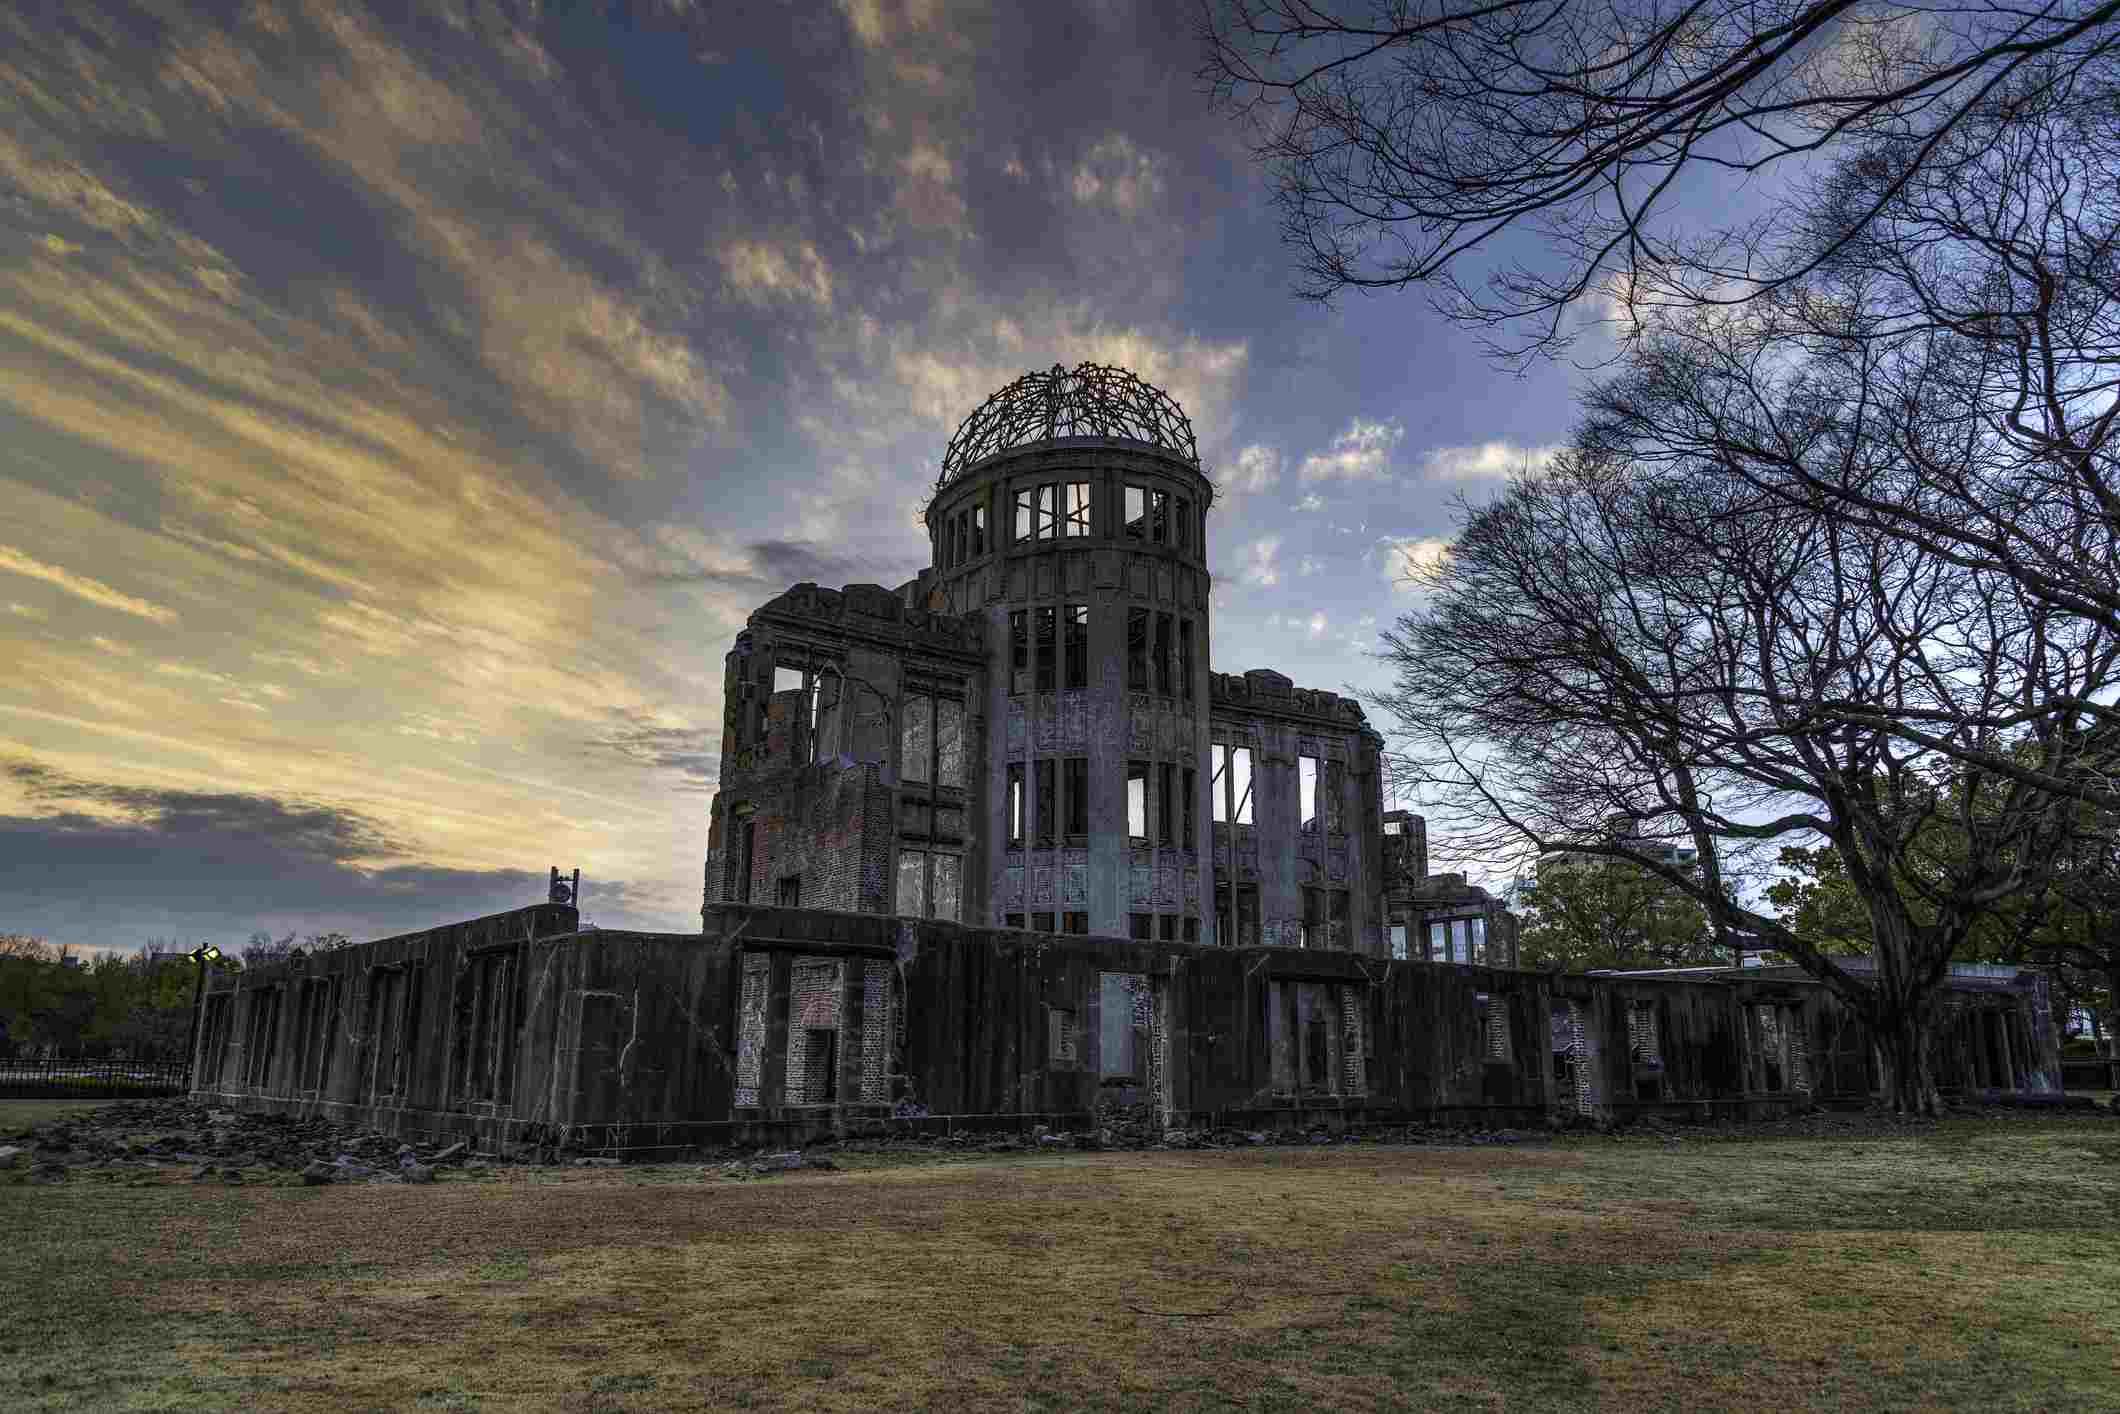 Hiroshima A-Bomb Dome at sunset